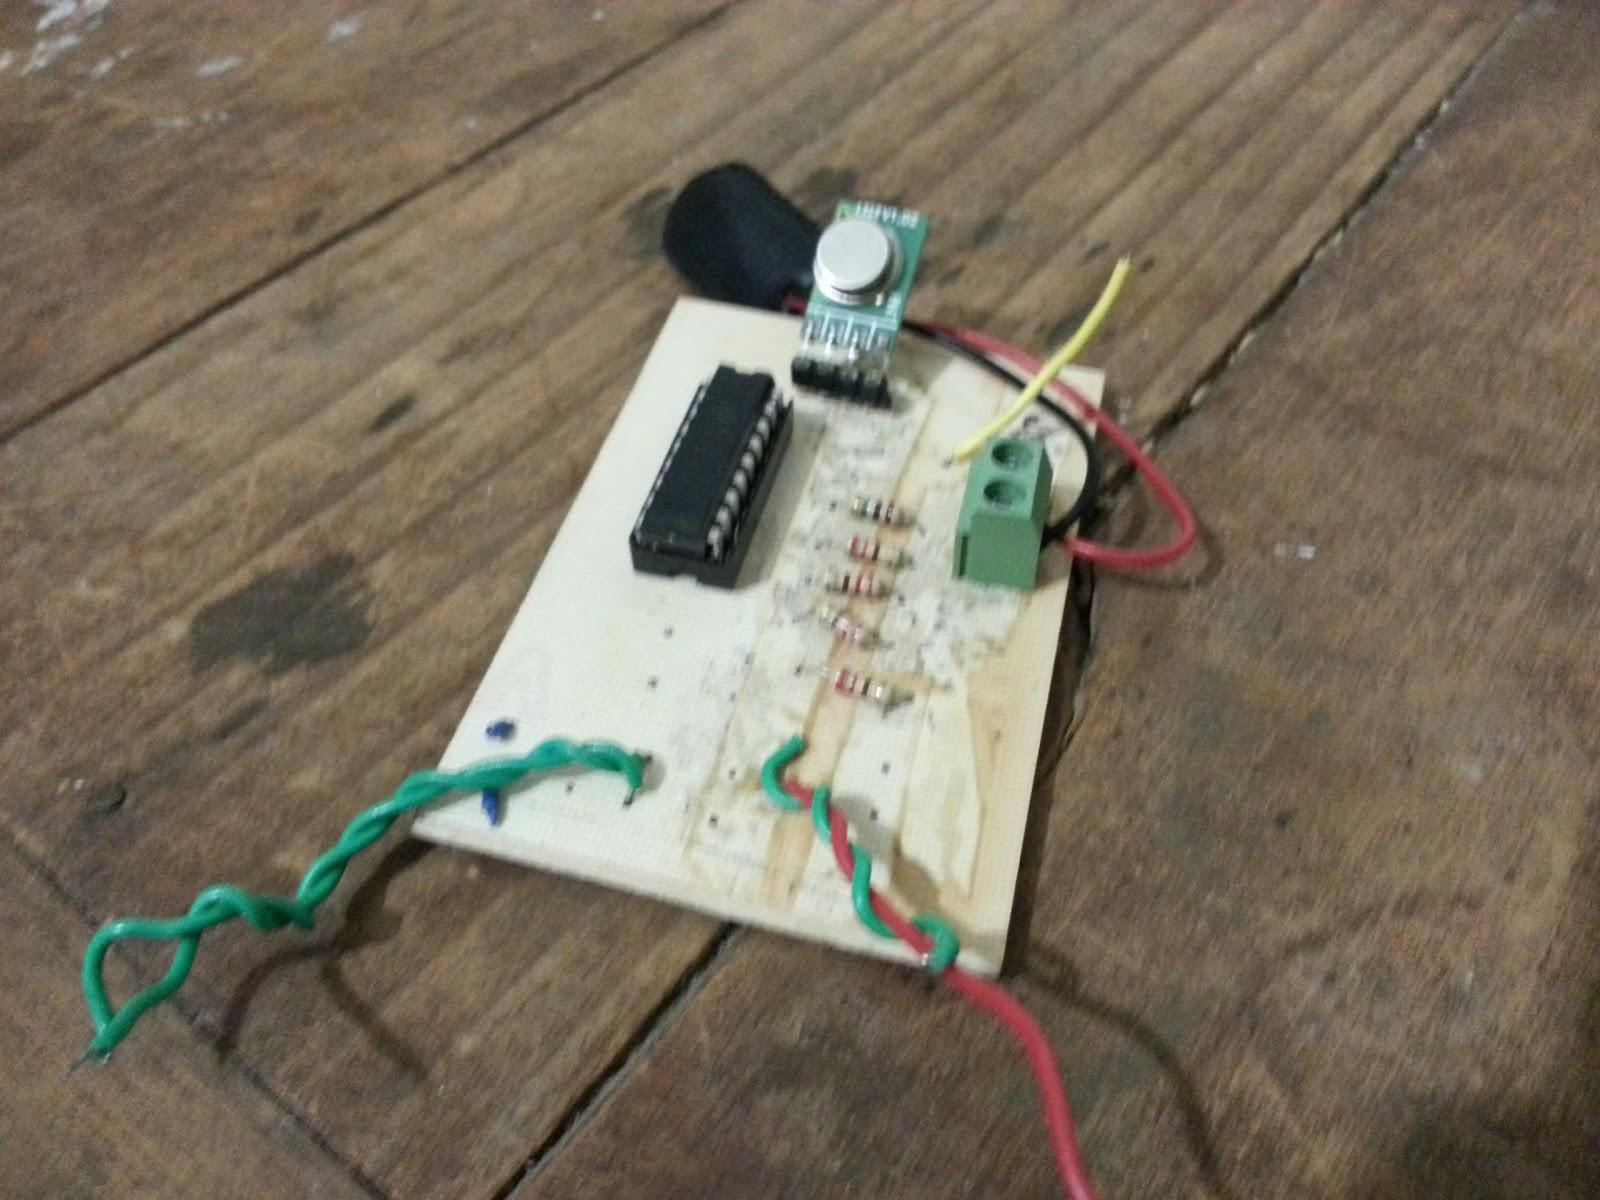 Circuito Emisor Receptor : Smart house mafia pa im circuitos emisor y receptor